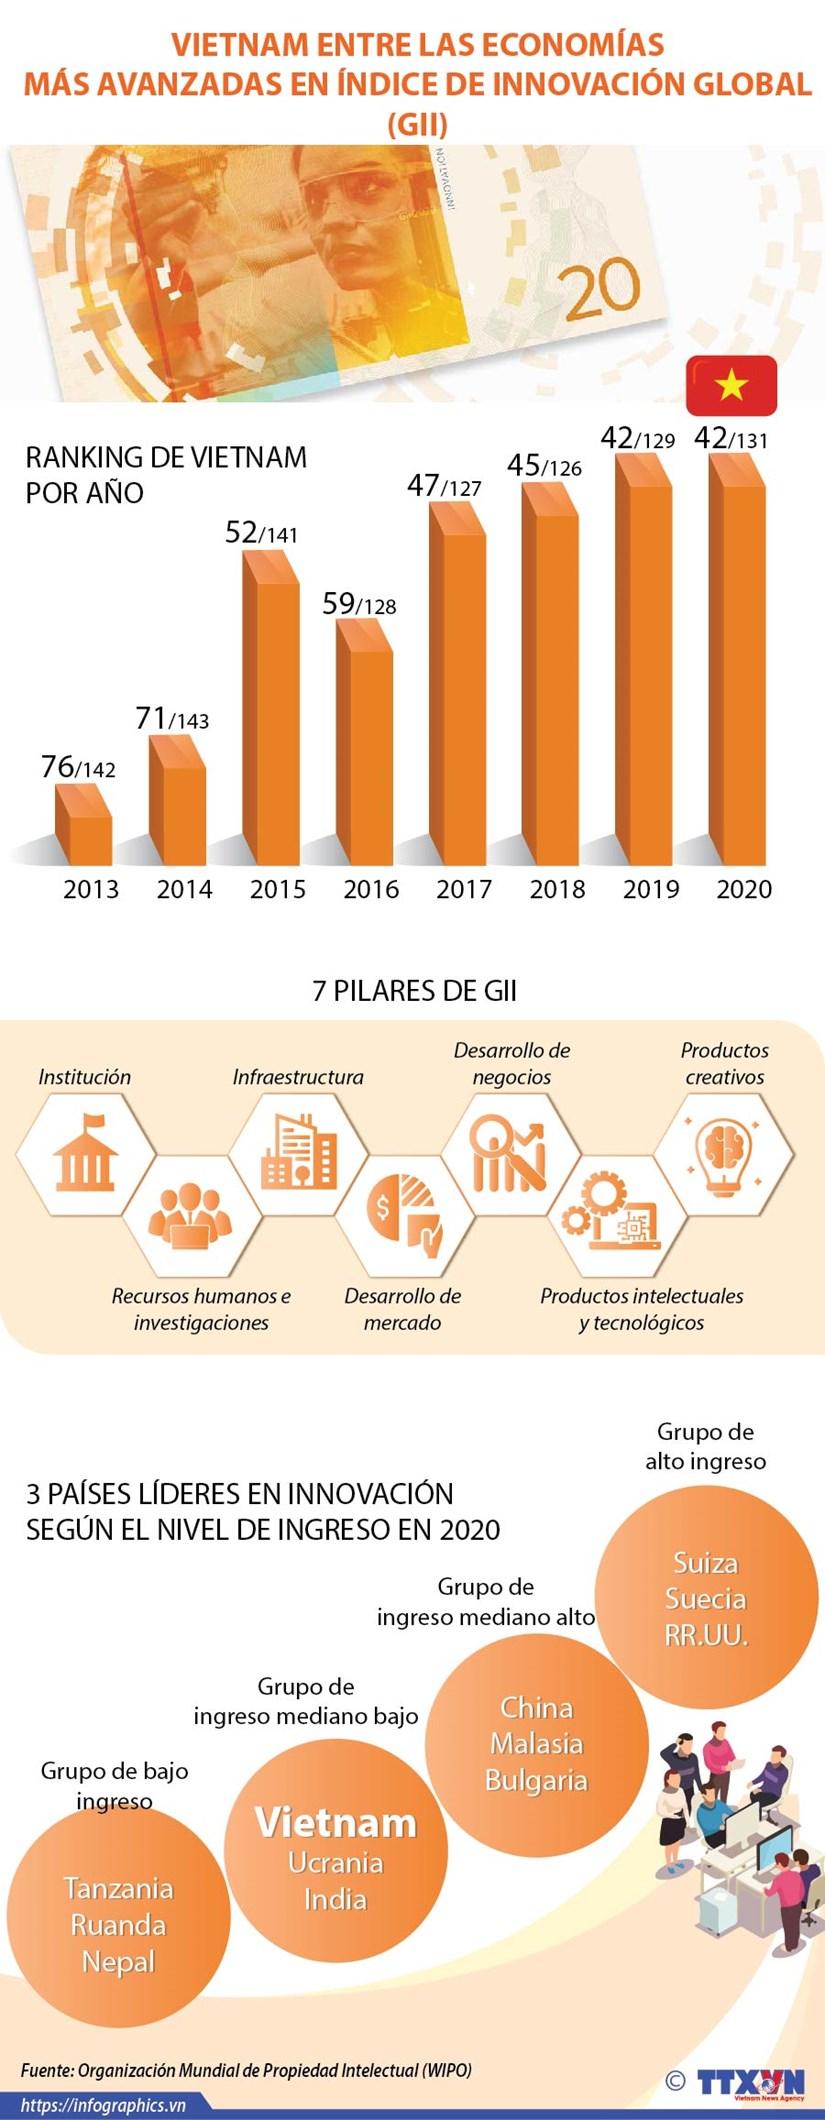 Vietnam entre las economias mas avanzadas en indice de innovacion global (GII) hinh anh 1